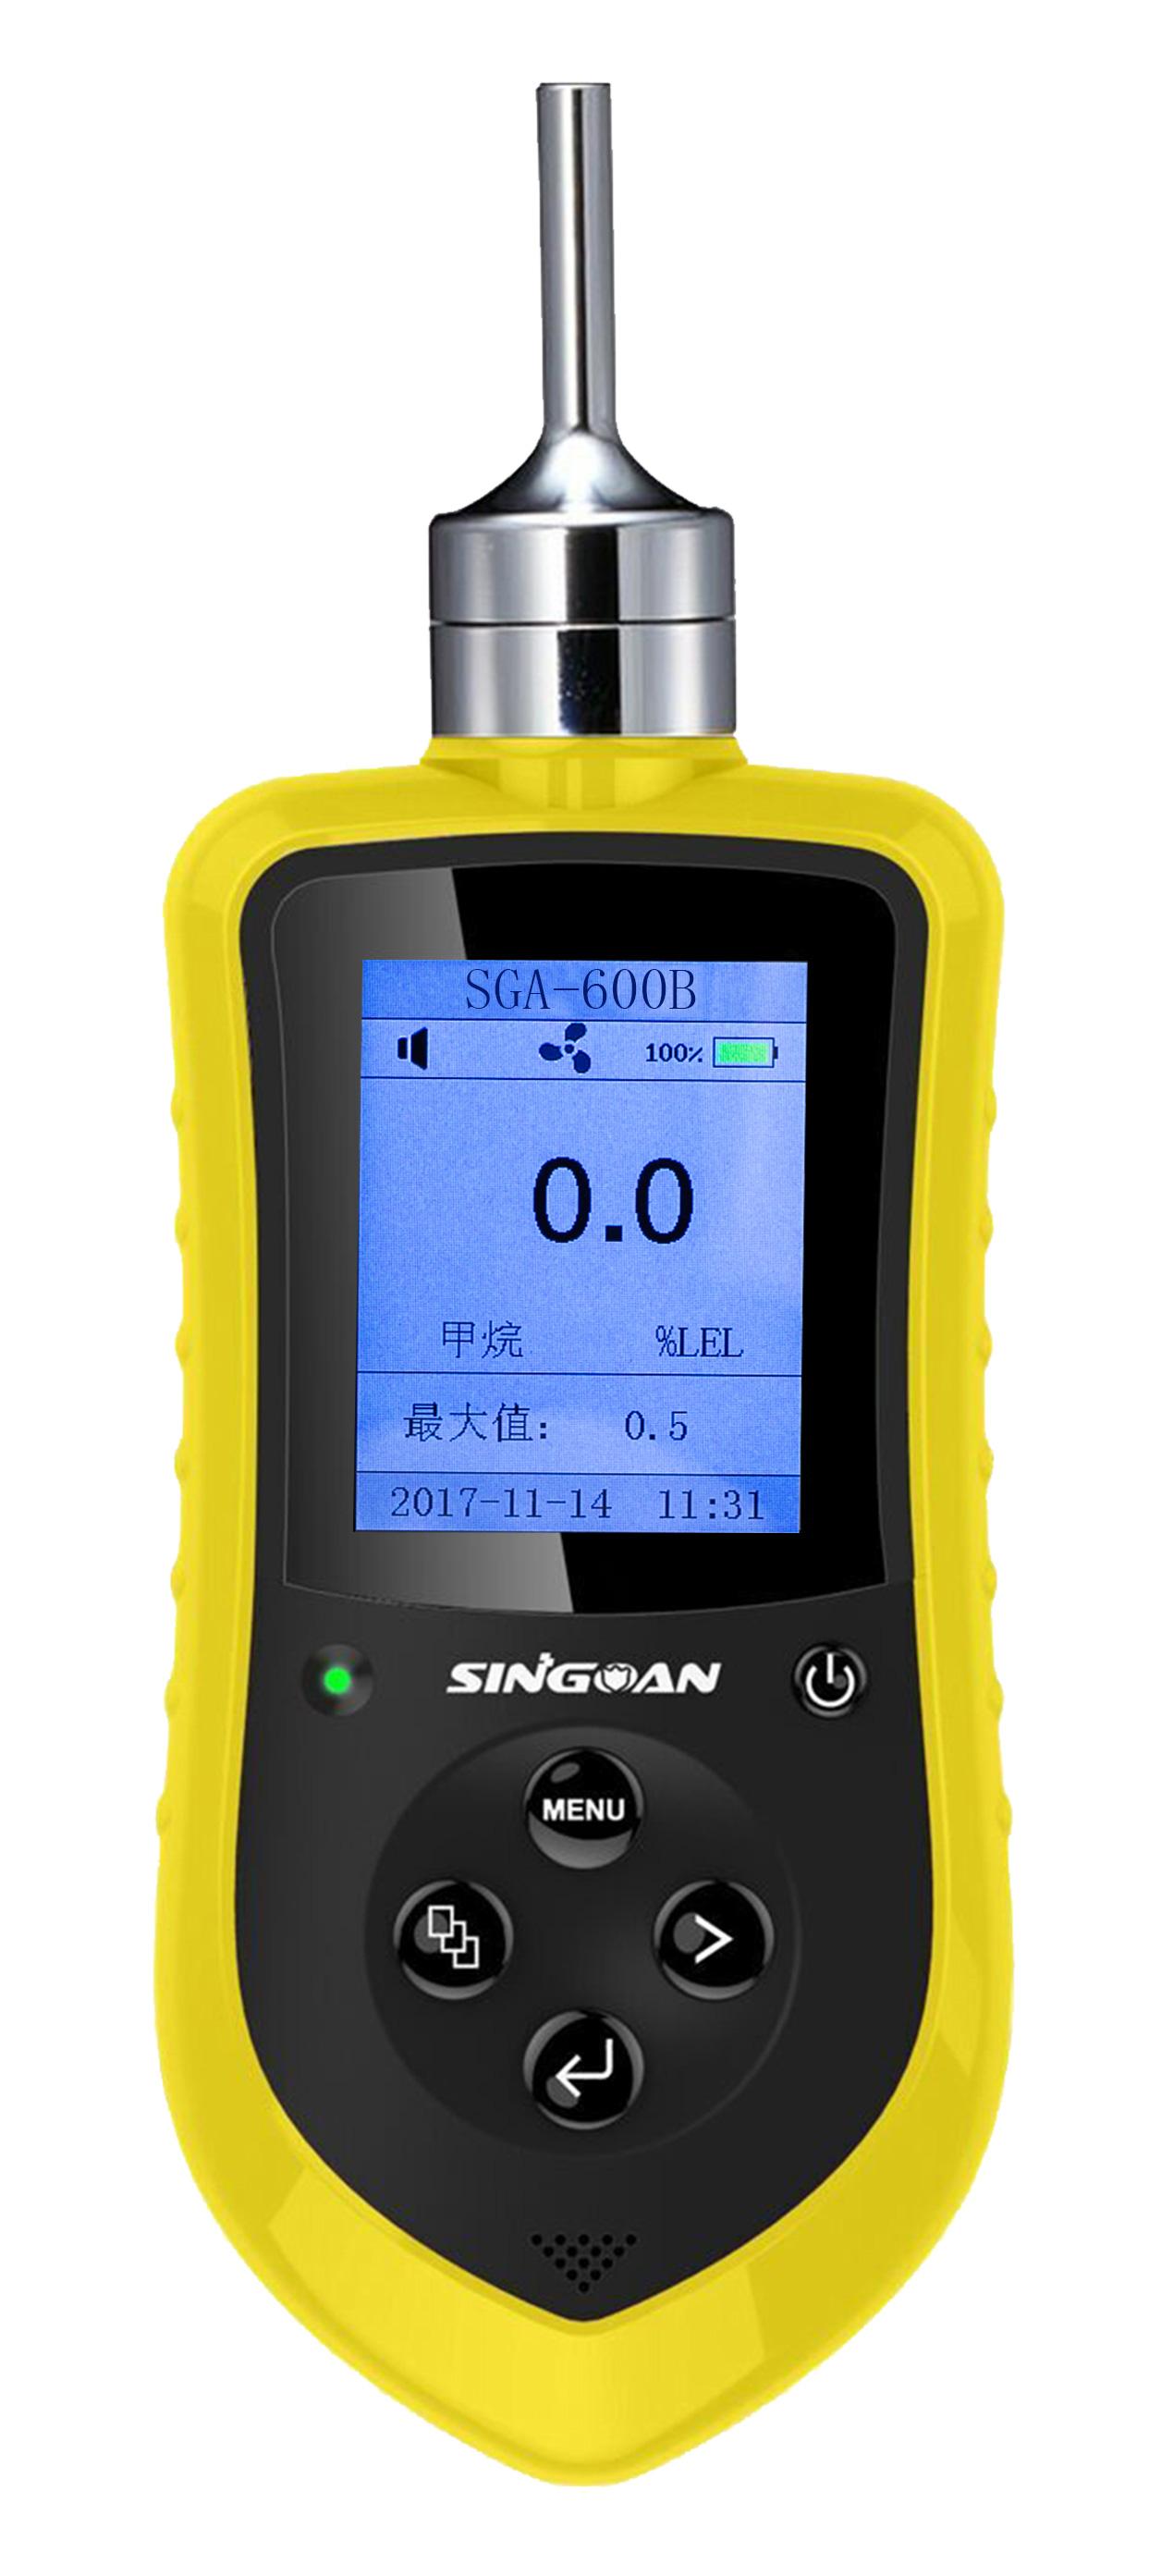 同款热2020年带存储的手持式十二烷气体报警器十二烷气体检测仪